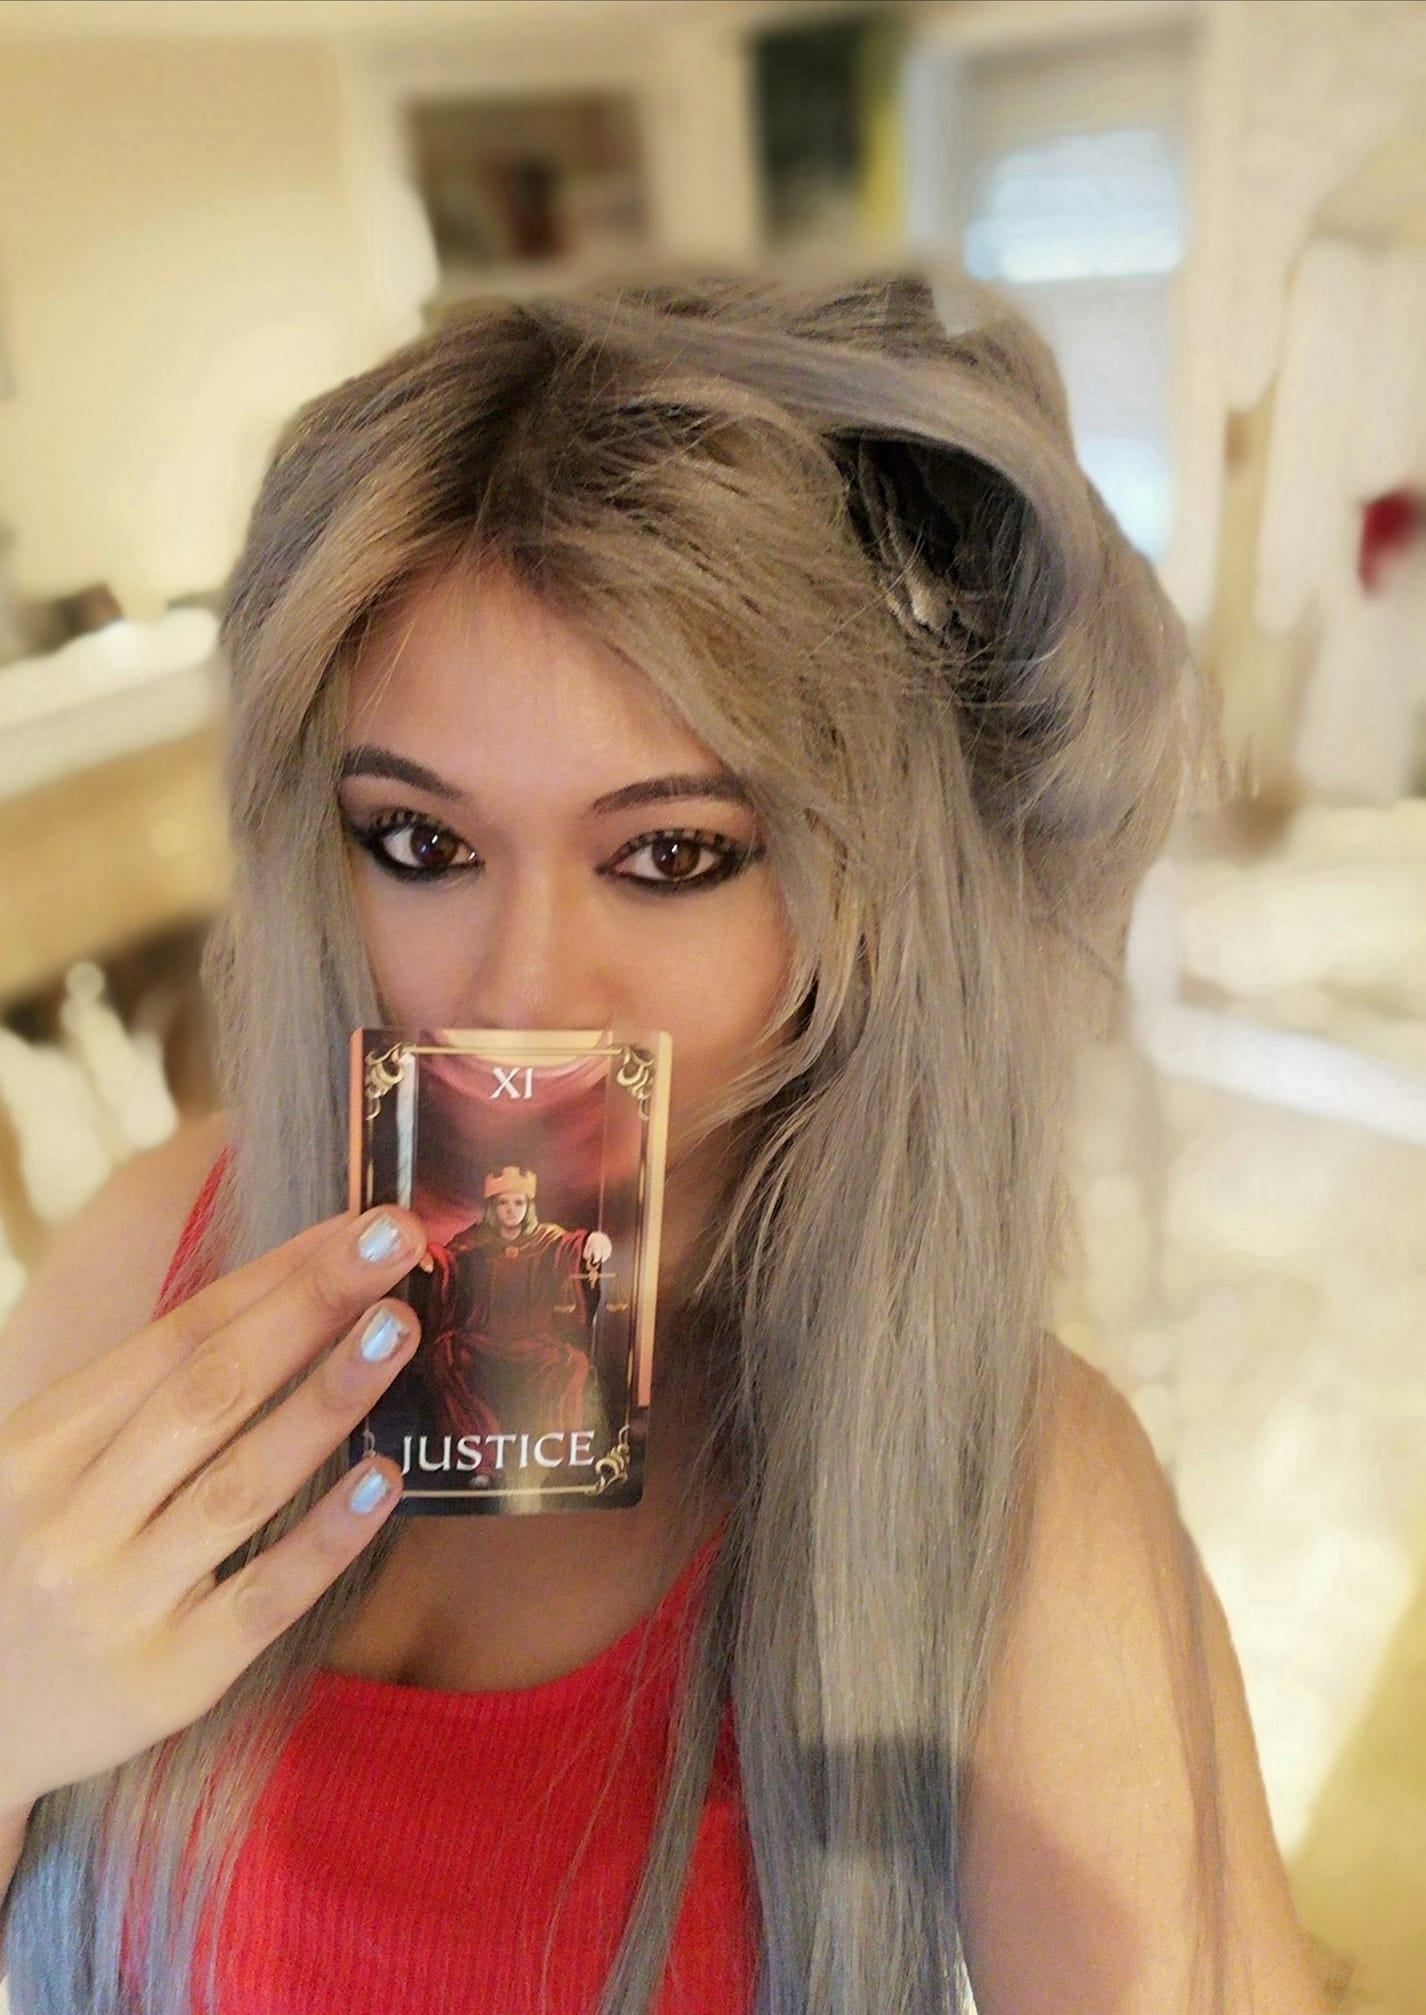 Sarah Brownlee holding justice tarot card